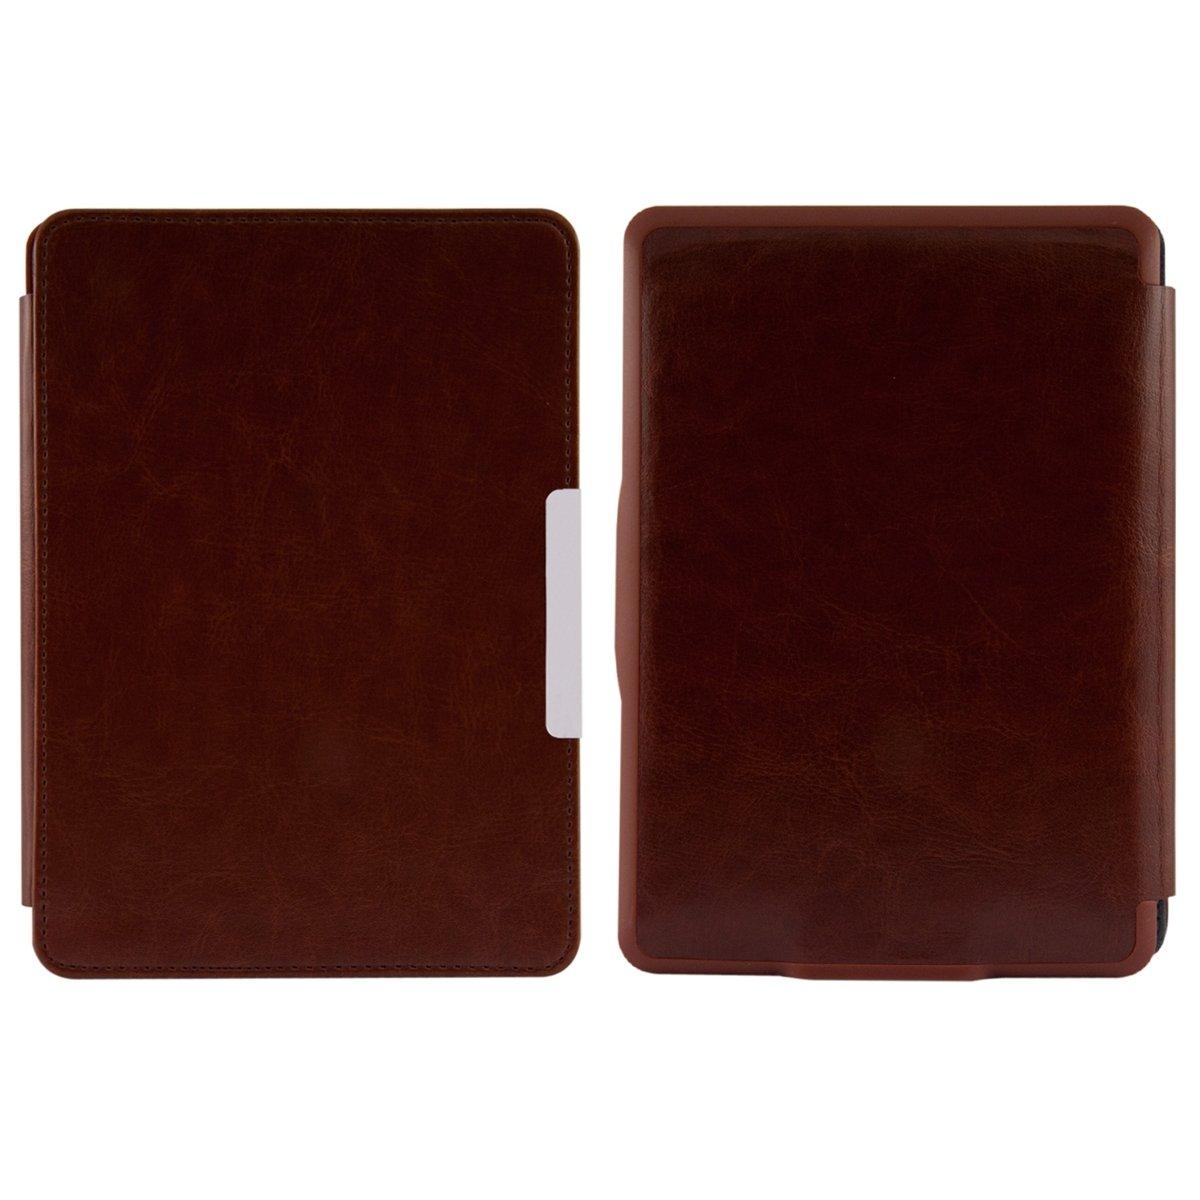 kwmobile® Elegante funda de cuero para el Amazon Kindle Paperwhite (2012 / 2013 / 2014) con un práctico cierre magnético en Marrón  Electrónica revisión y descripción más